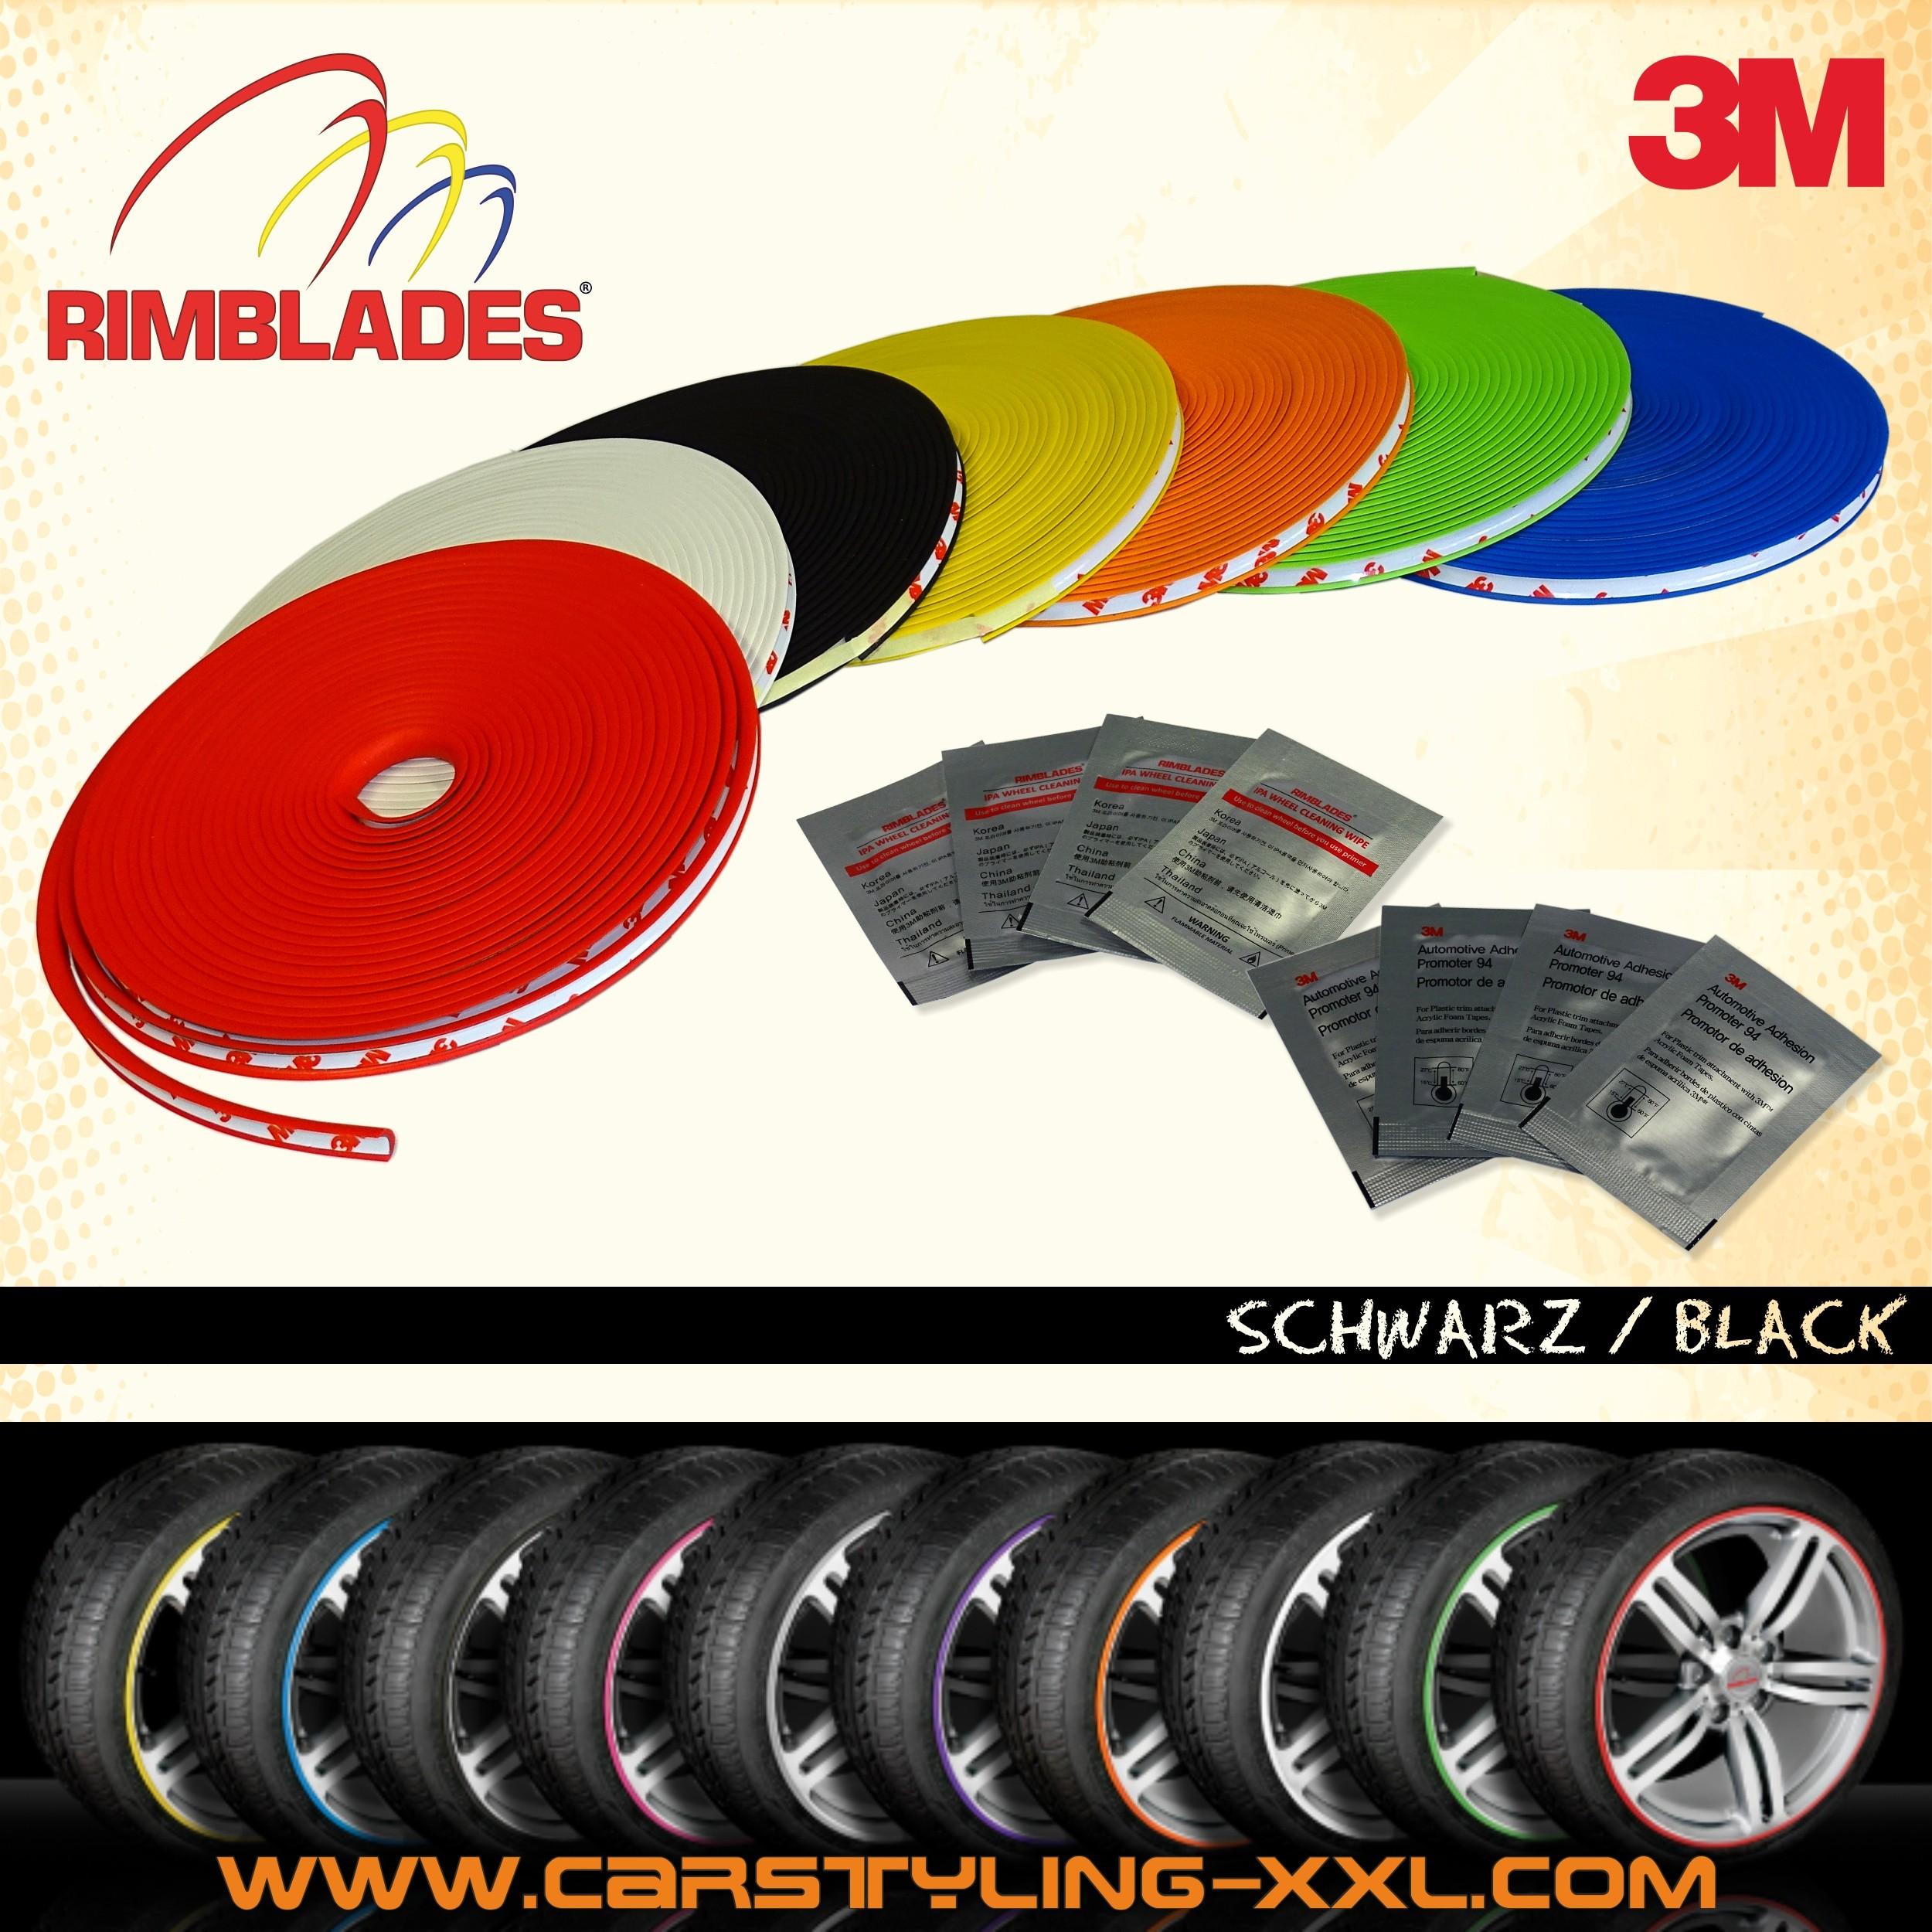 NEU - Rimblades mit 3M Kleber - Singlepackung - Farbe: schwarz - Premium Felgenschutz und Styling für Alufelgen bis 22''